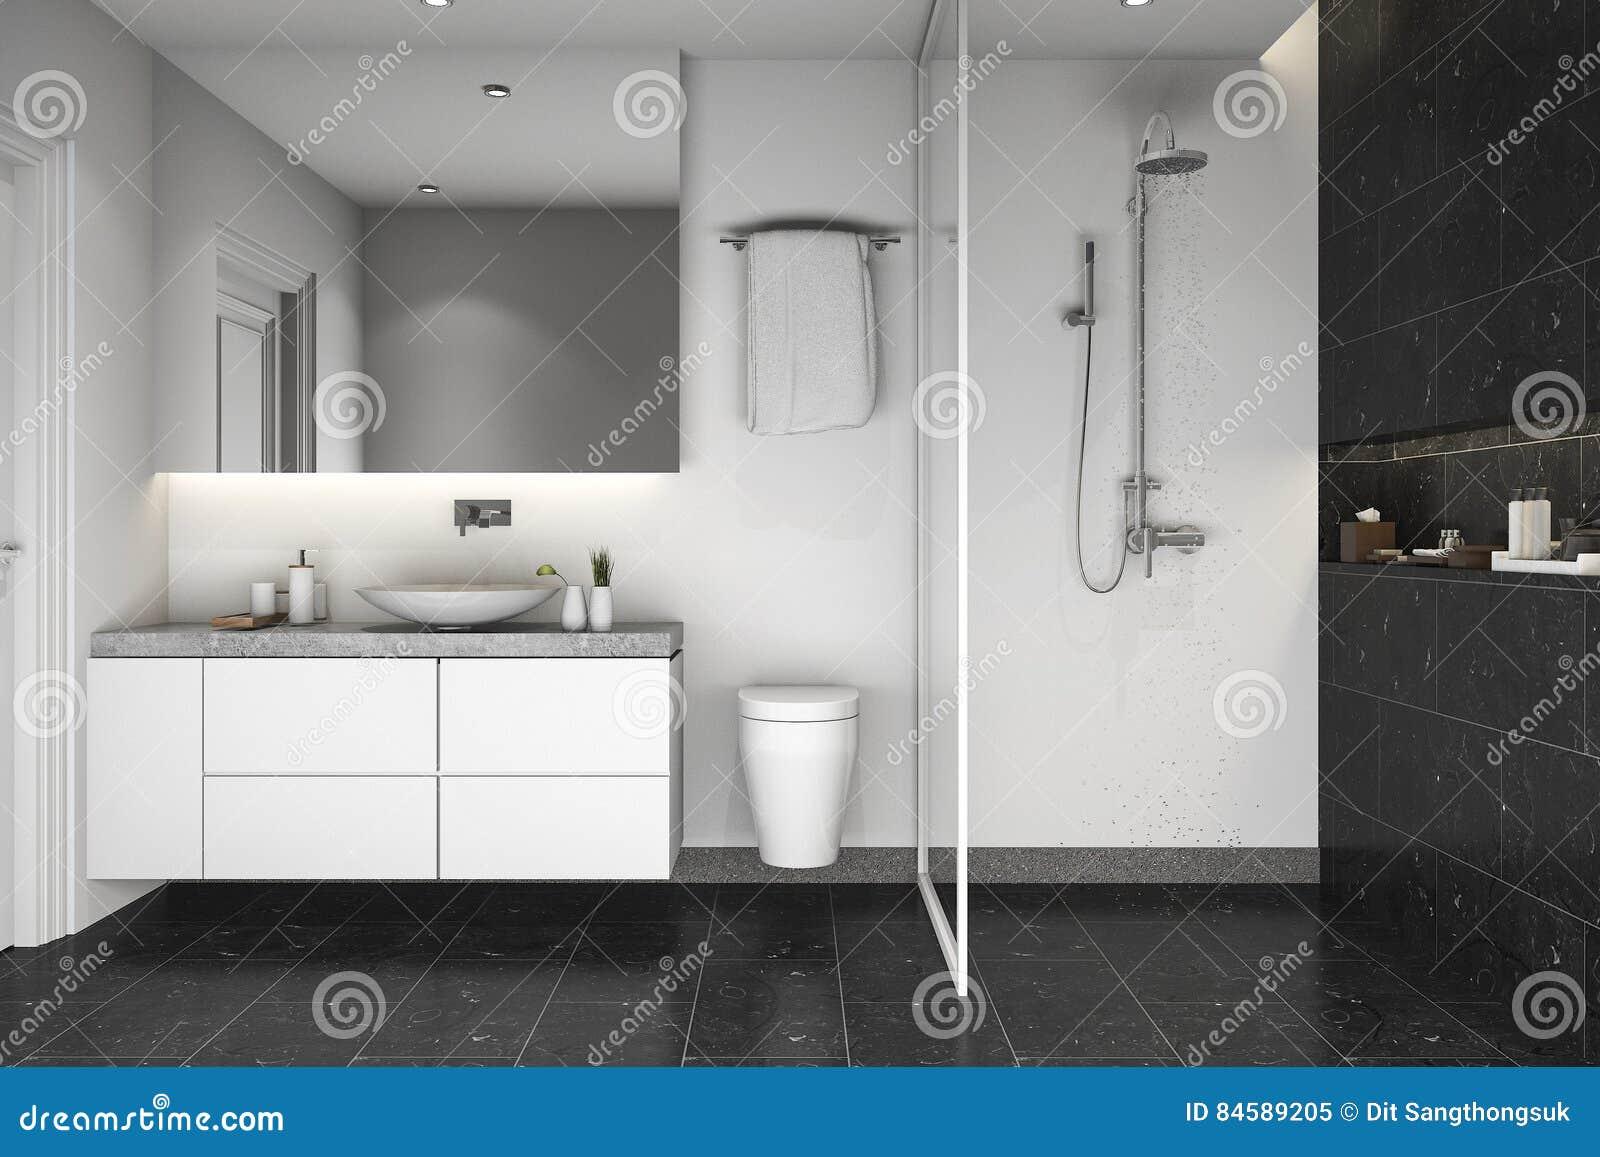 3d Rendering Black Tile Shower And Bathroom Stock Illustration ...